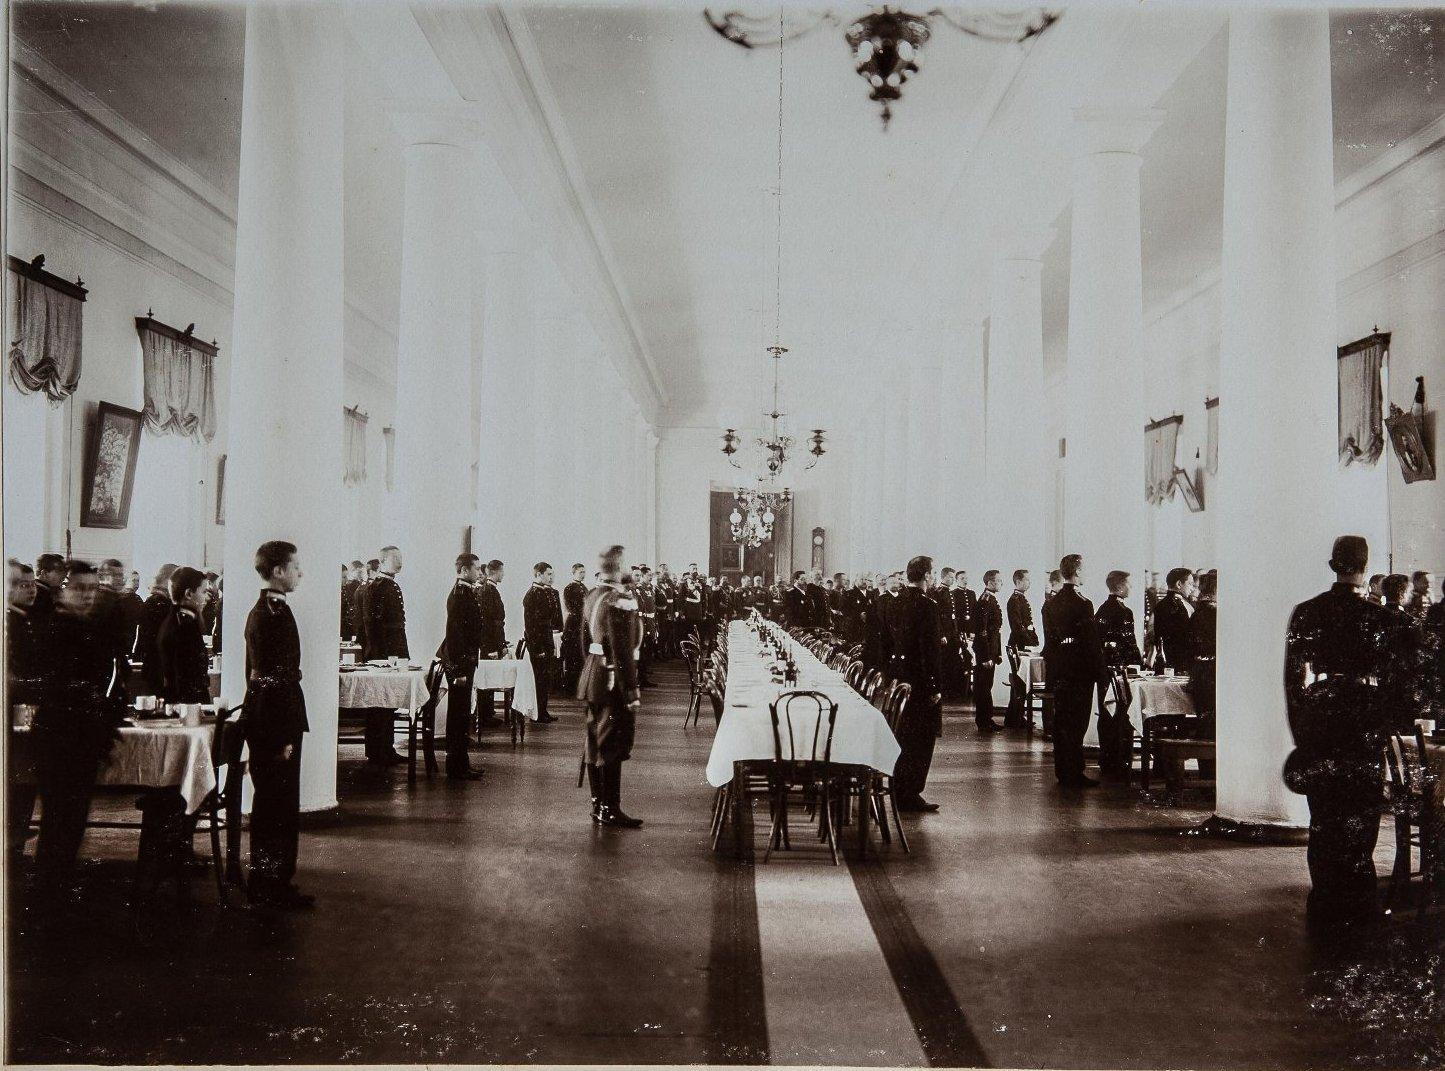 07. Учащиеся в зале с сервированными столами